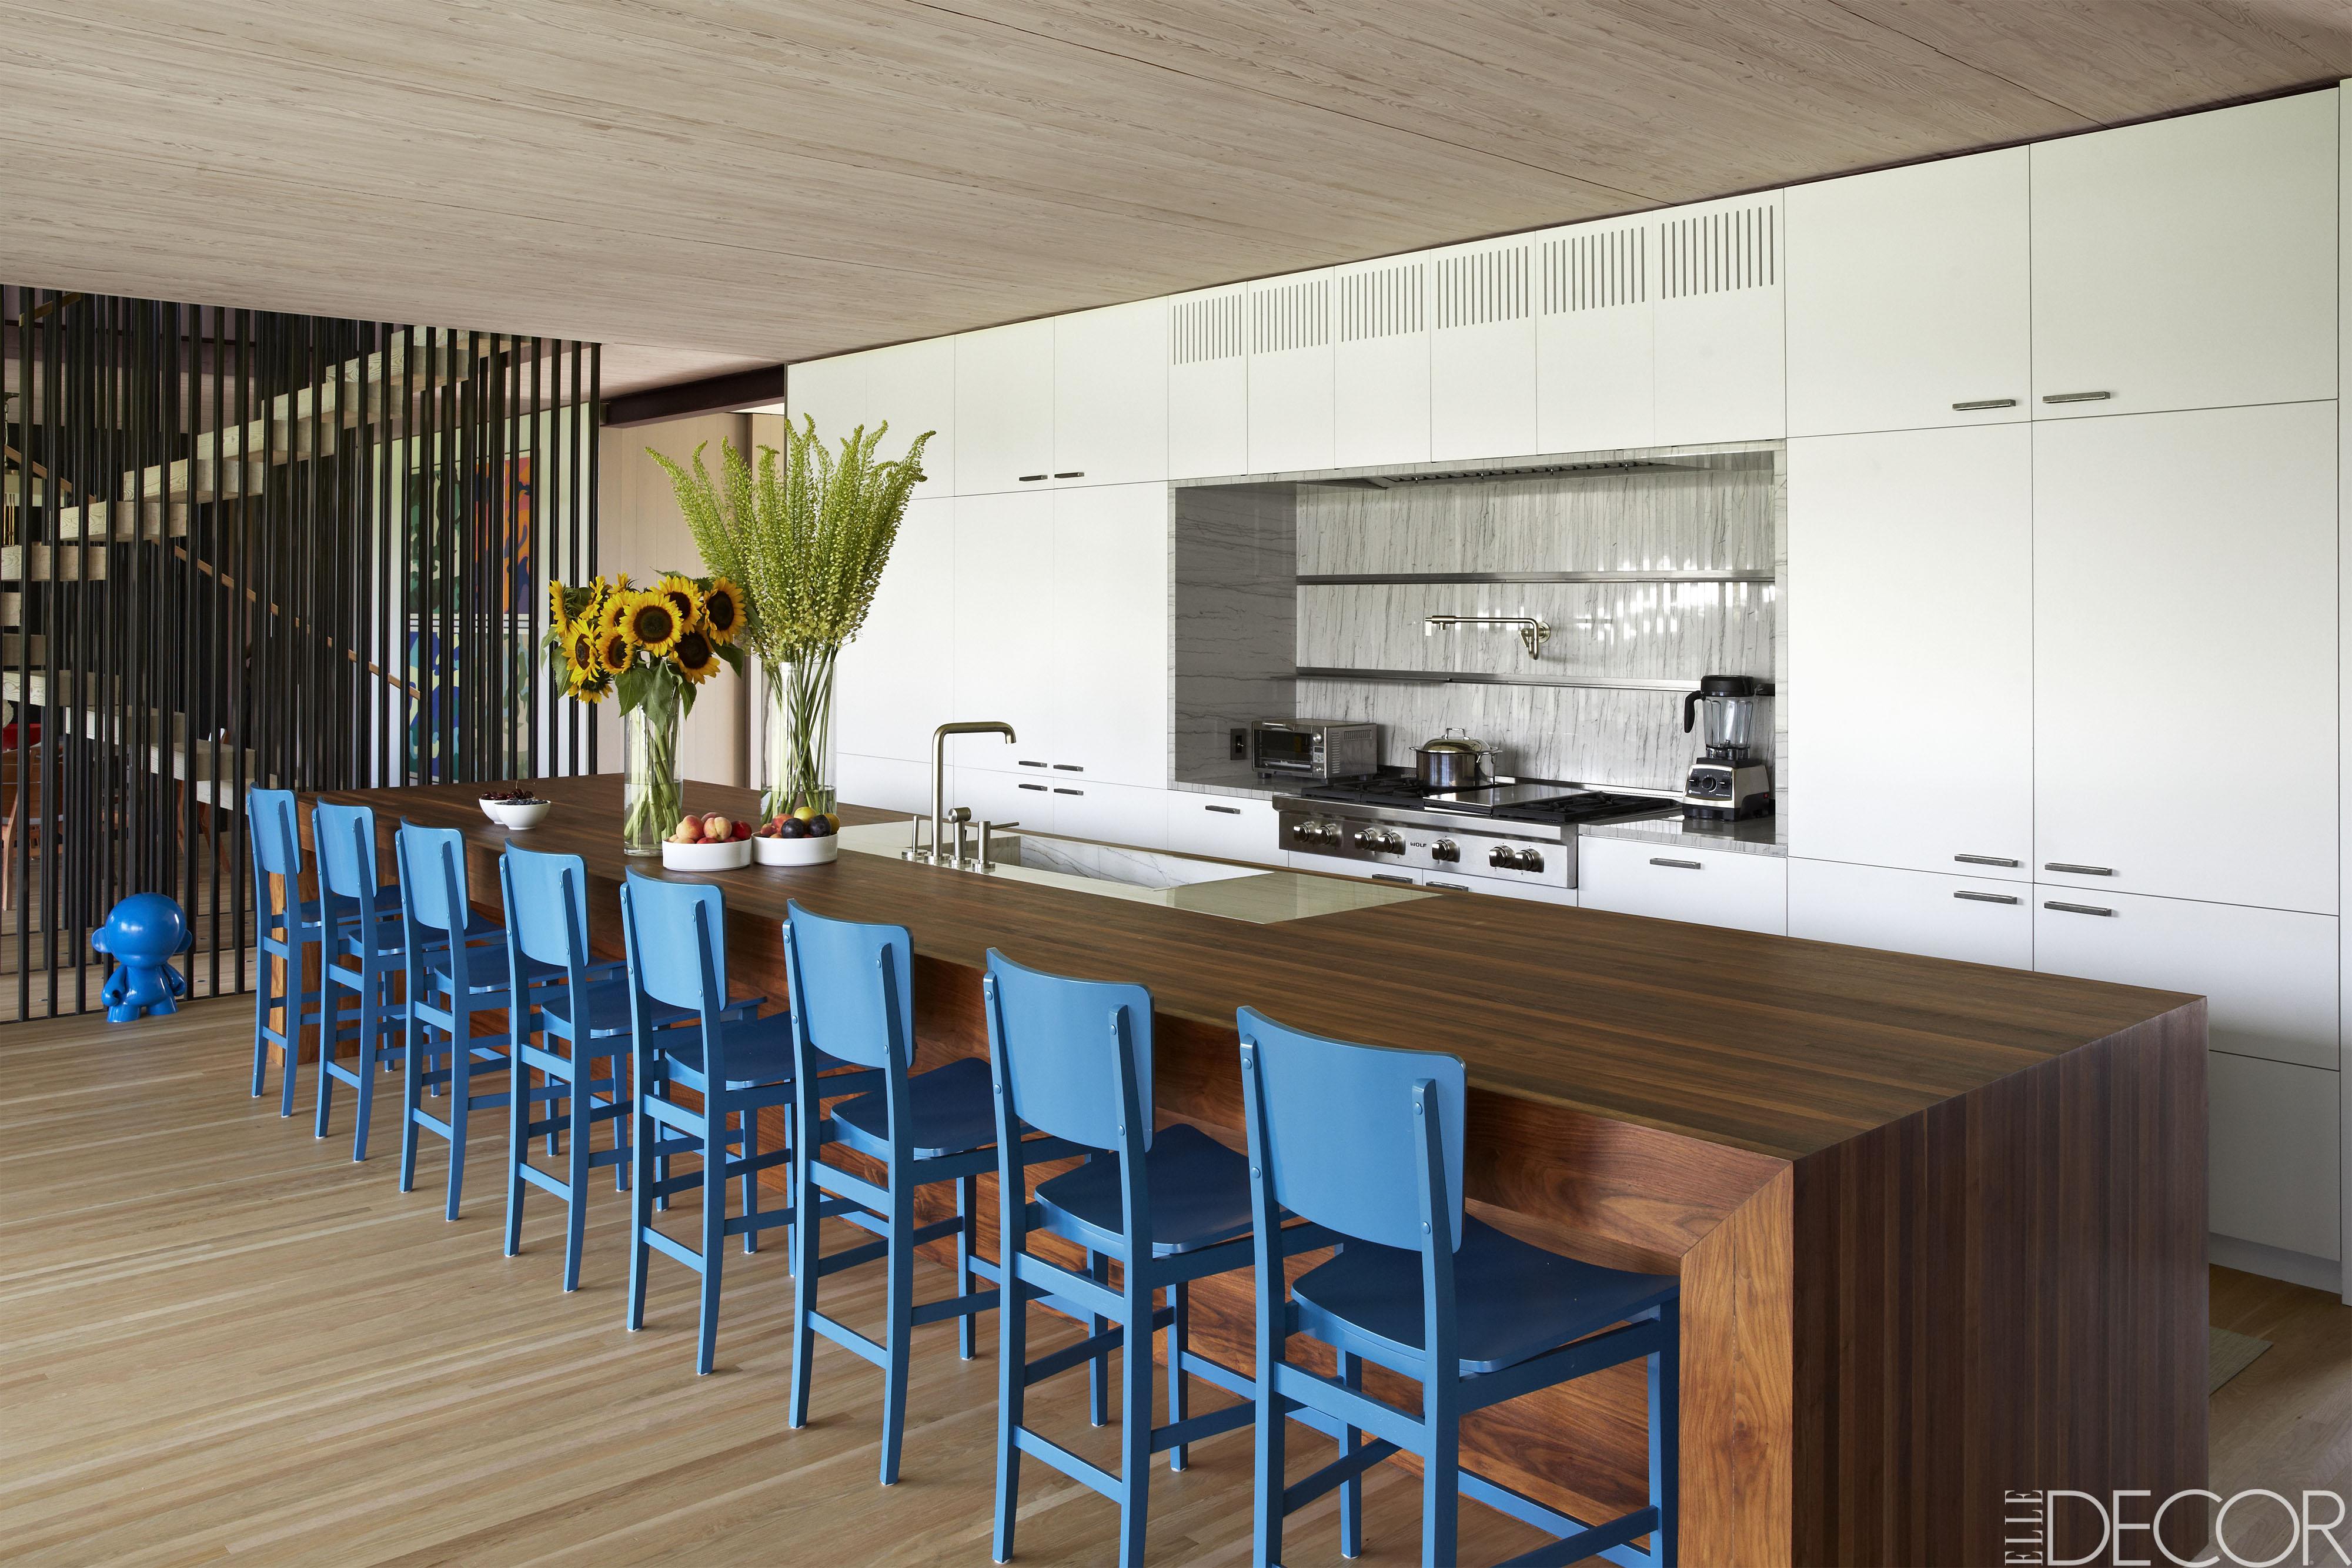 30 Modern Kitchen Ideas - Contemporary Kitchens on Modern Kitchen Design Ideas  id=42314